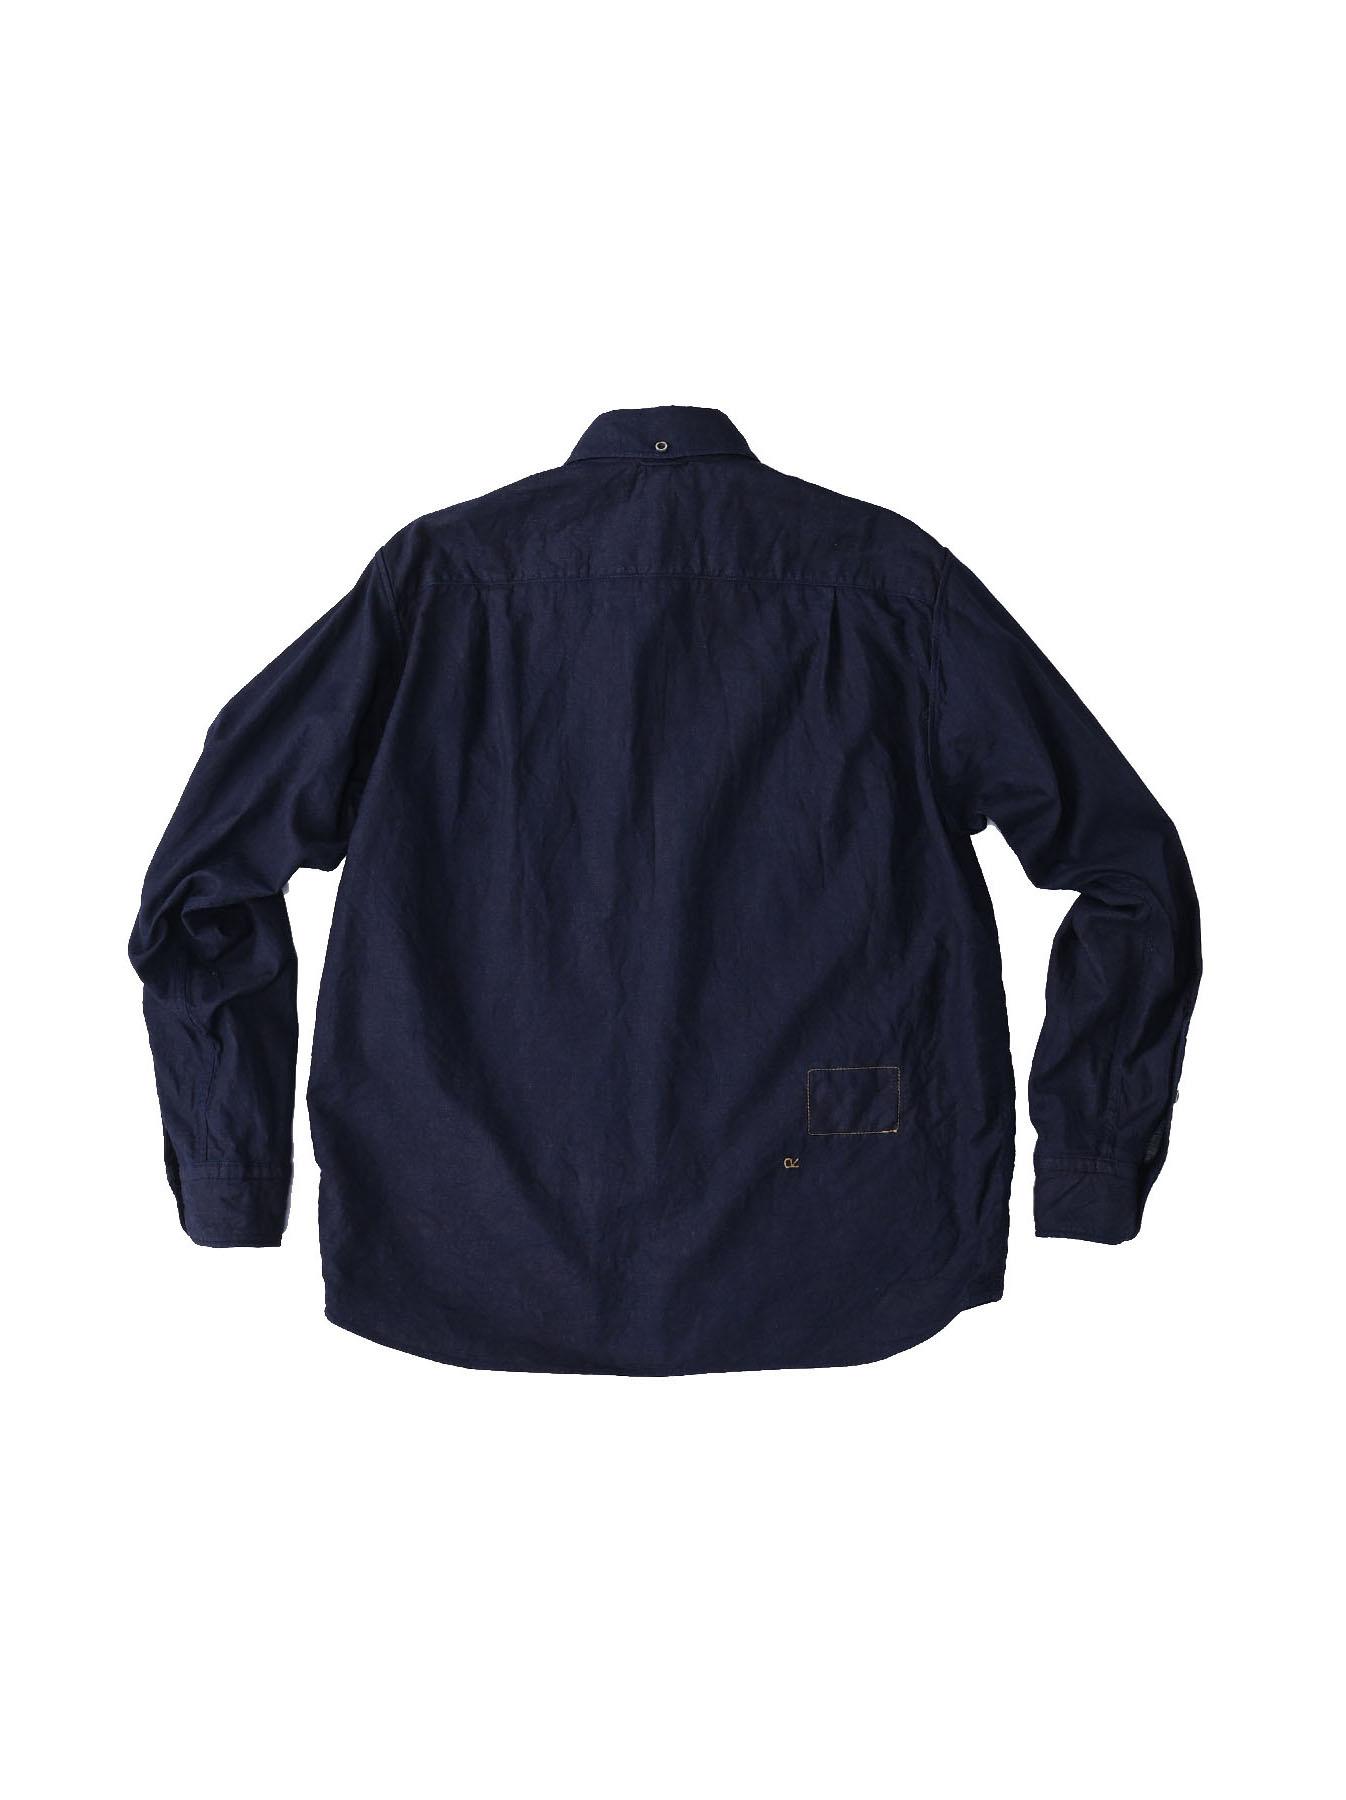 Indigo Gauze 908 Ocean Shirt-5